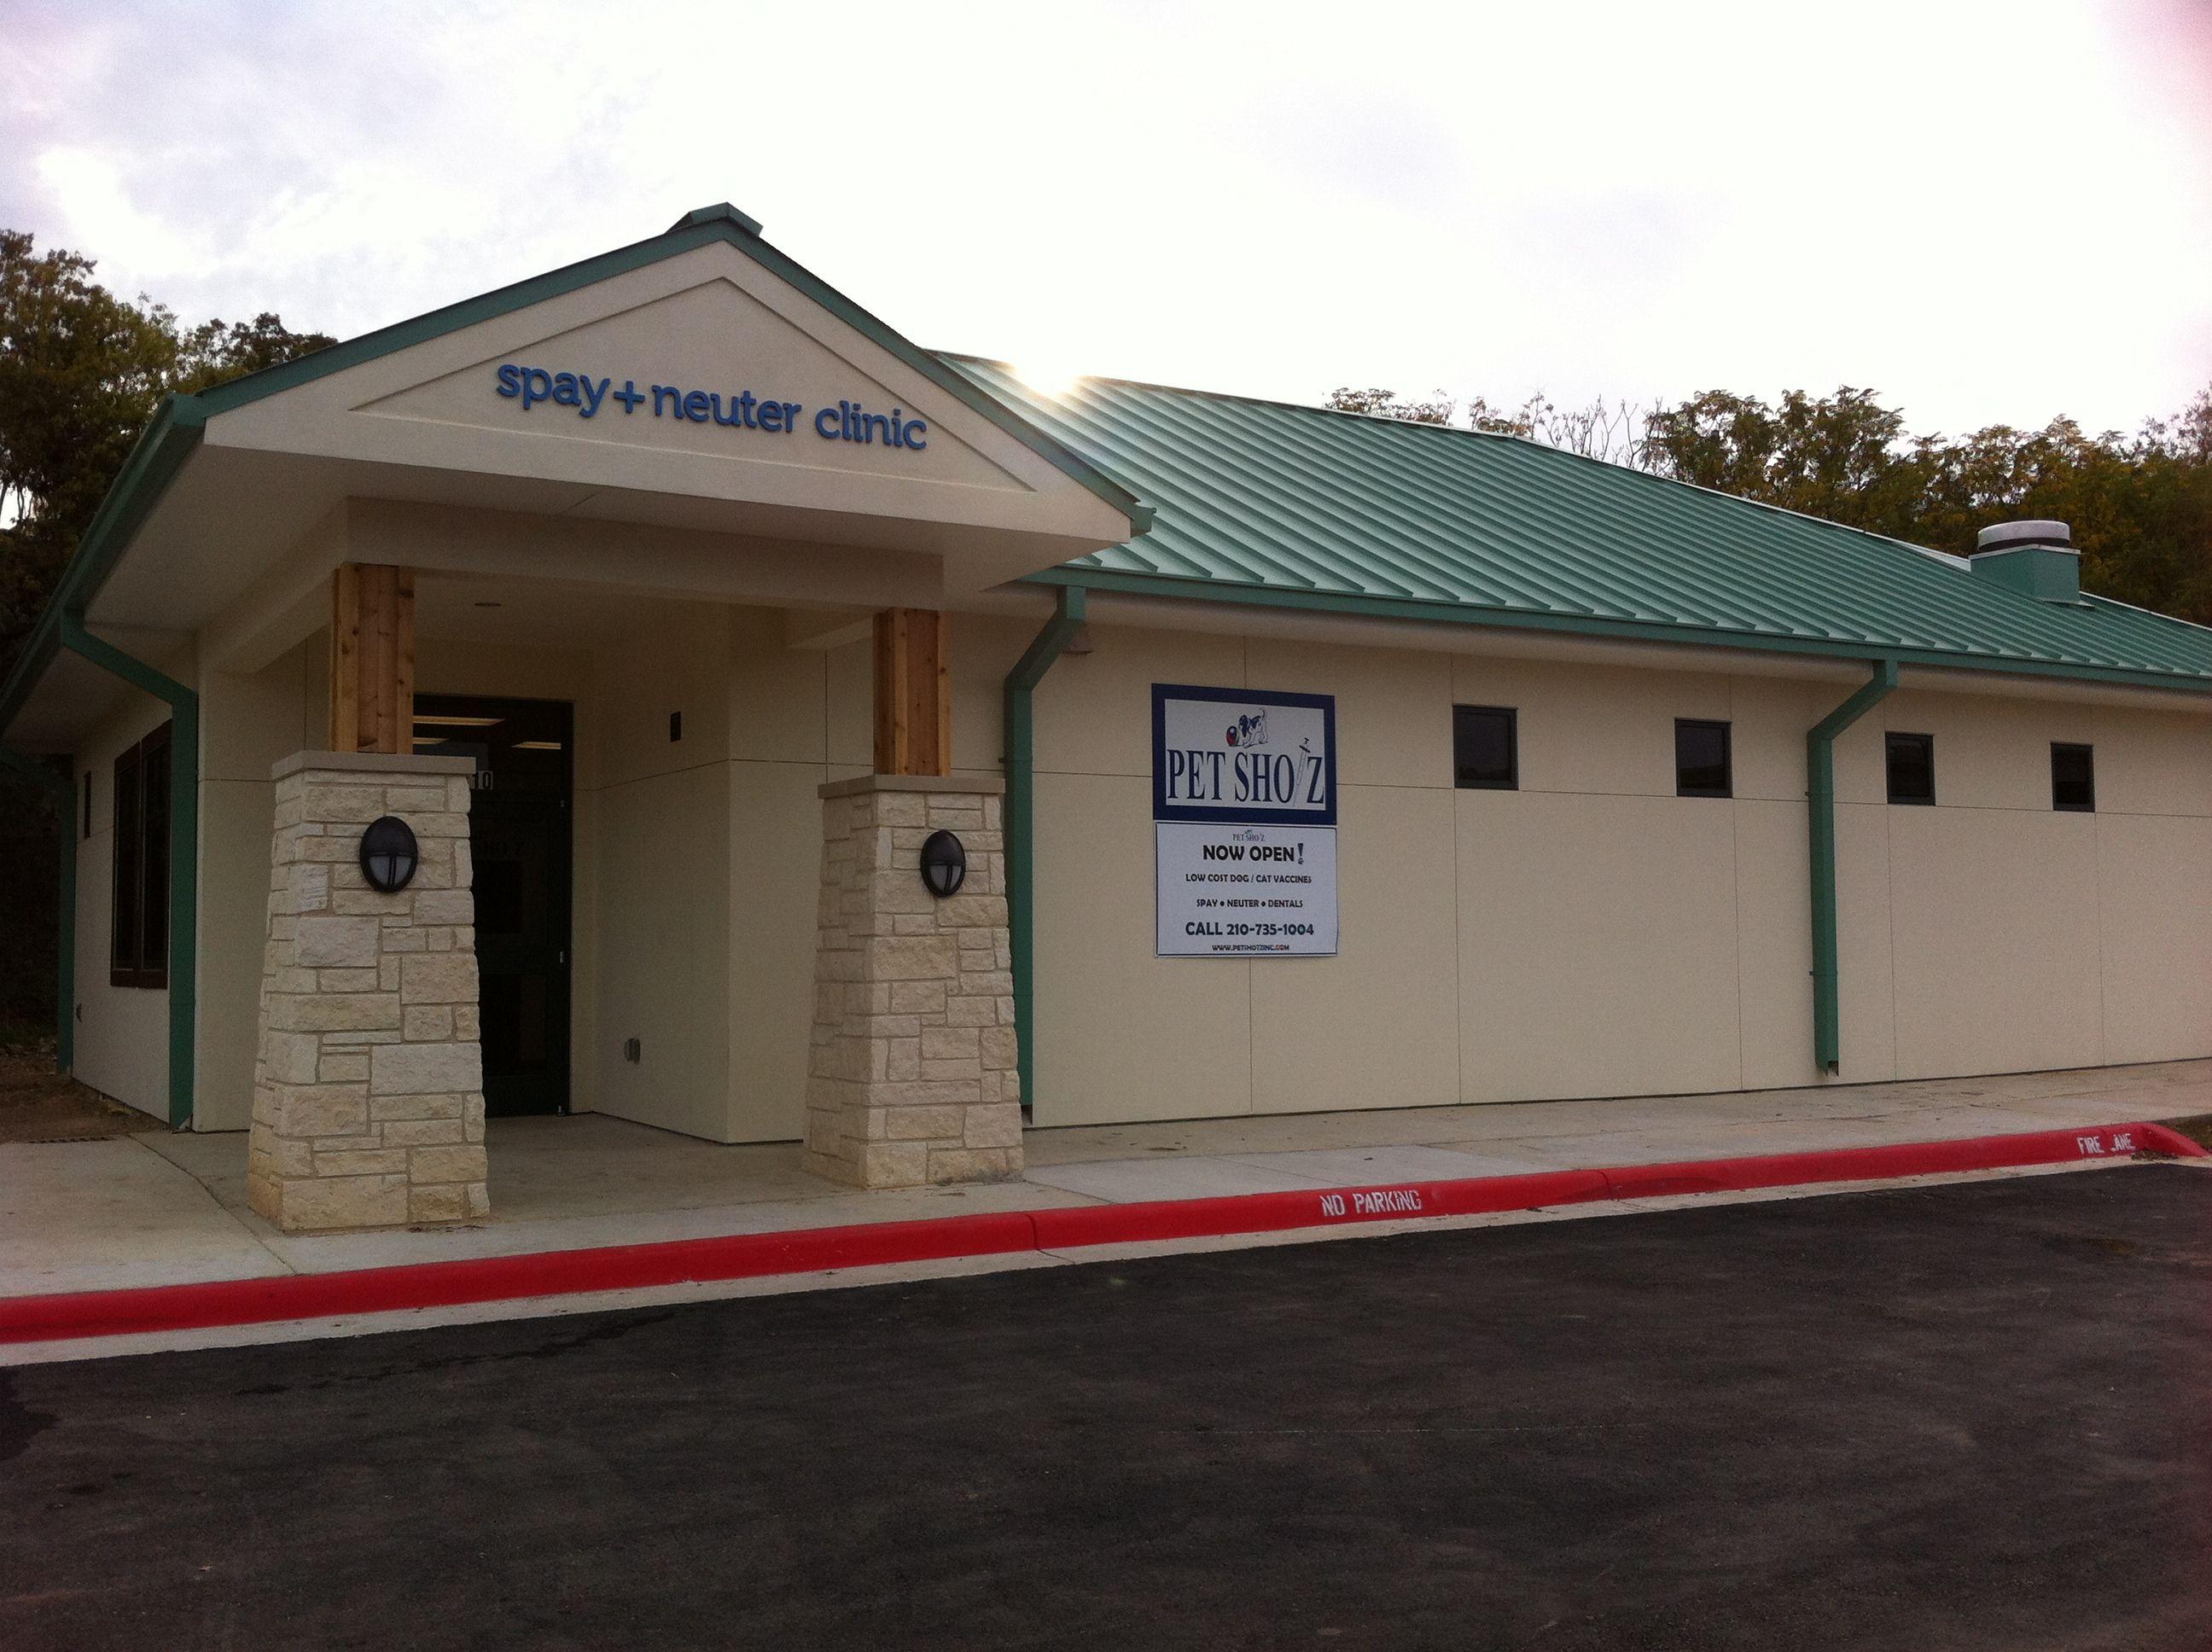 Pet Shotz Inc Spay Neuter Clinic across the street from